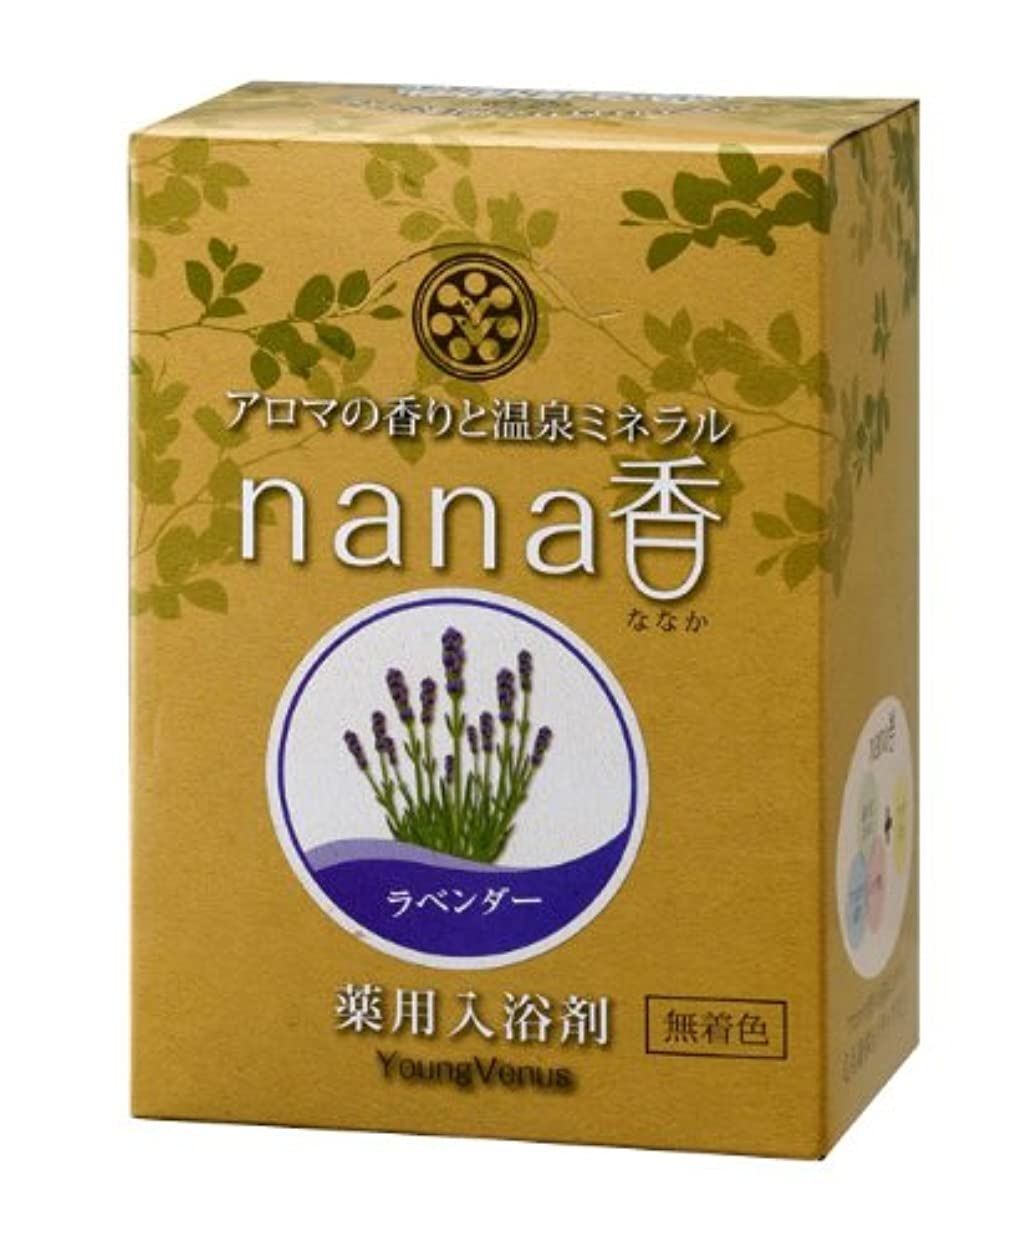 アンソロジーバリア資源nana香 02ラベンダー 60g5袋入り